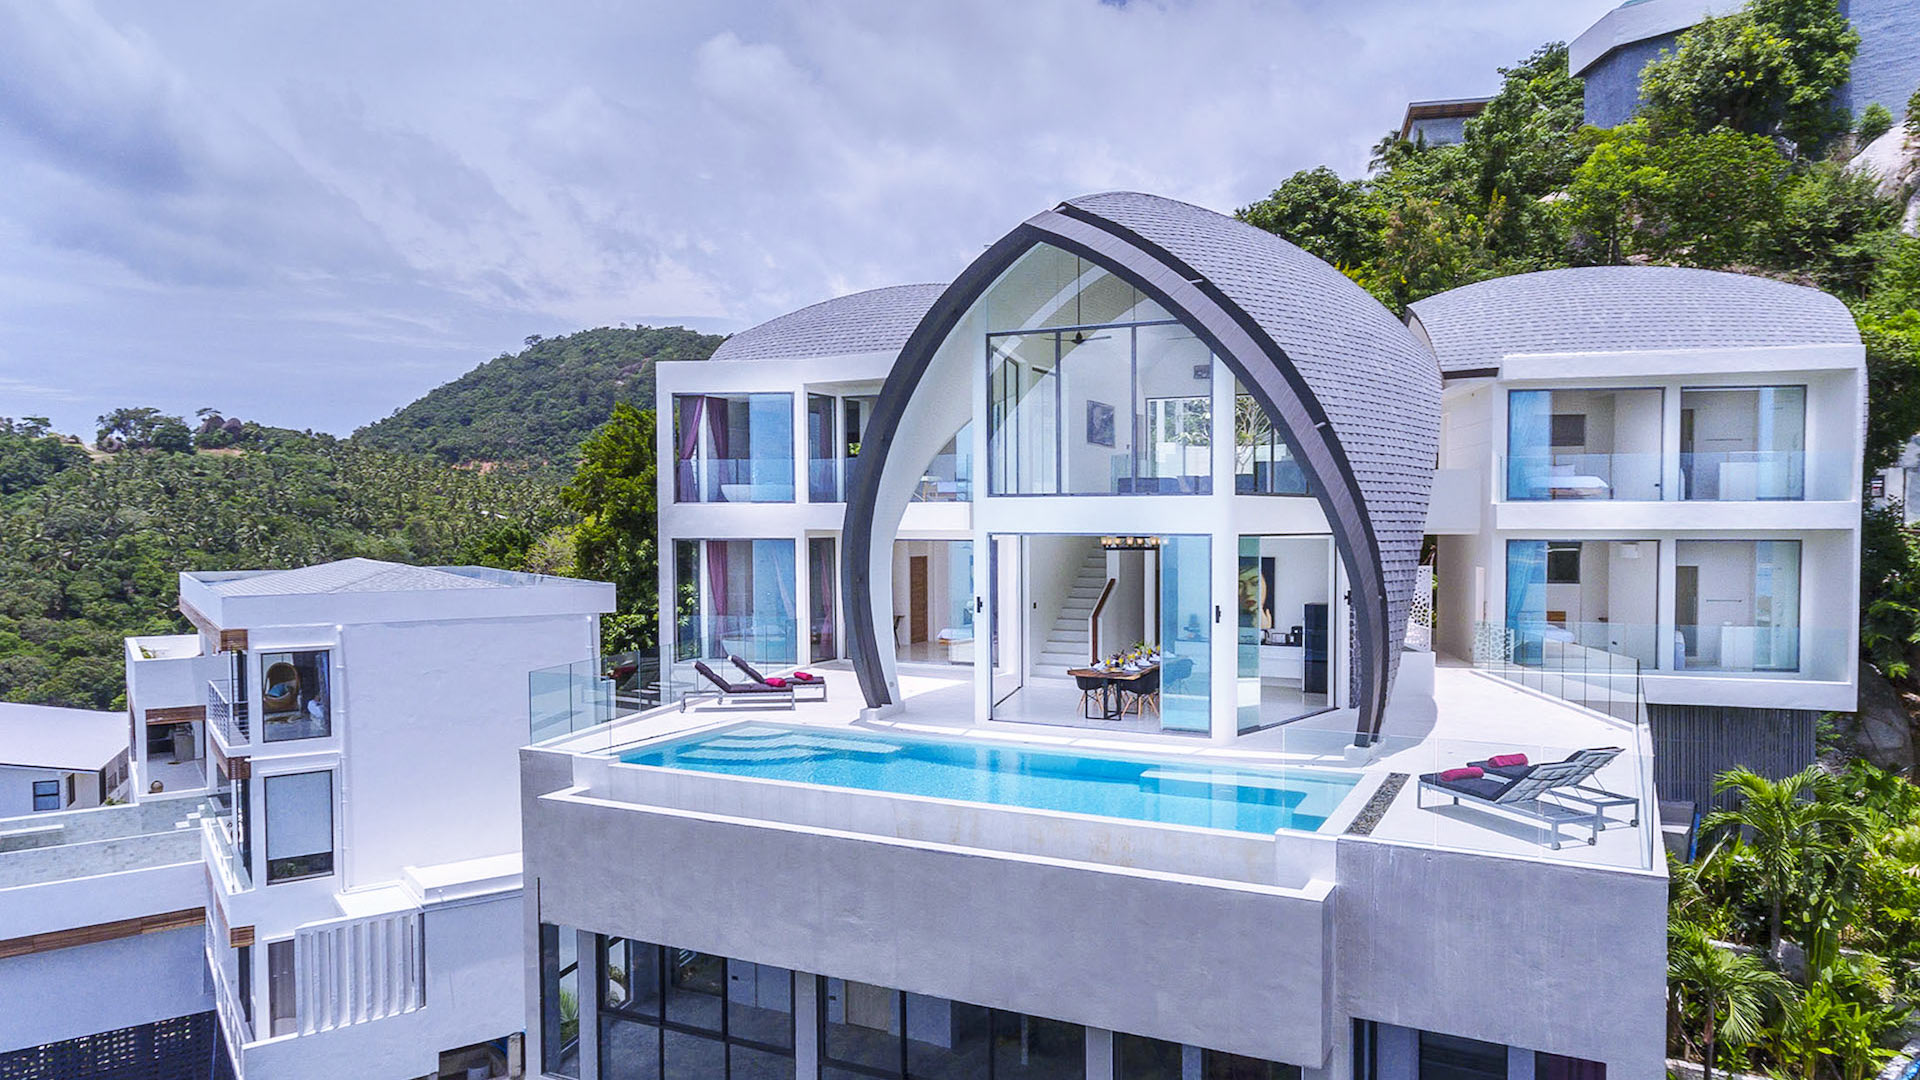 Loft villa villa in affitto a koh samui chaweng villanovo for Loft roma affitto